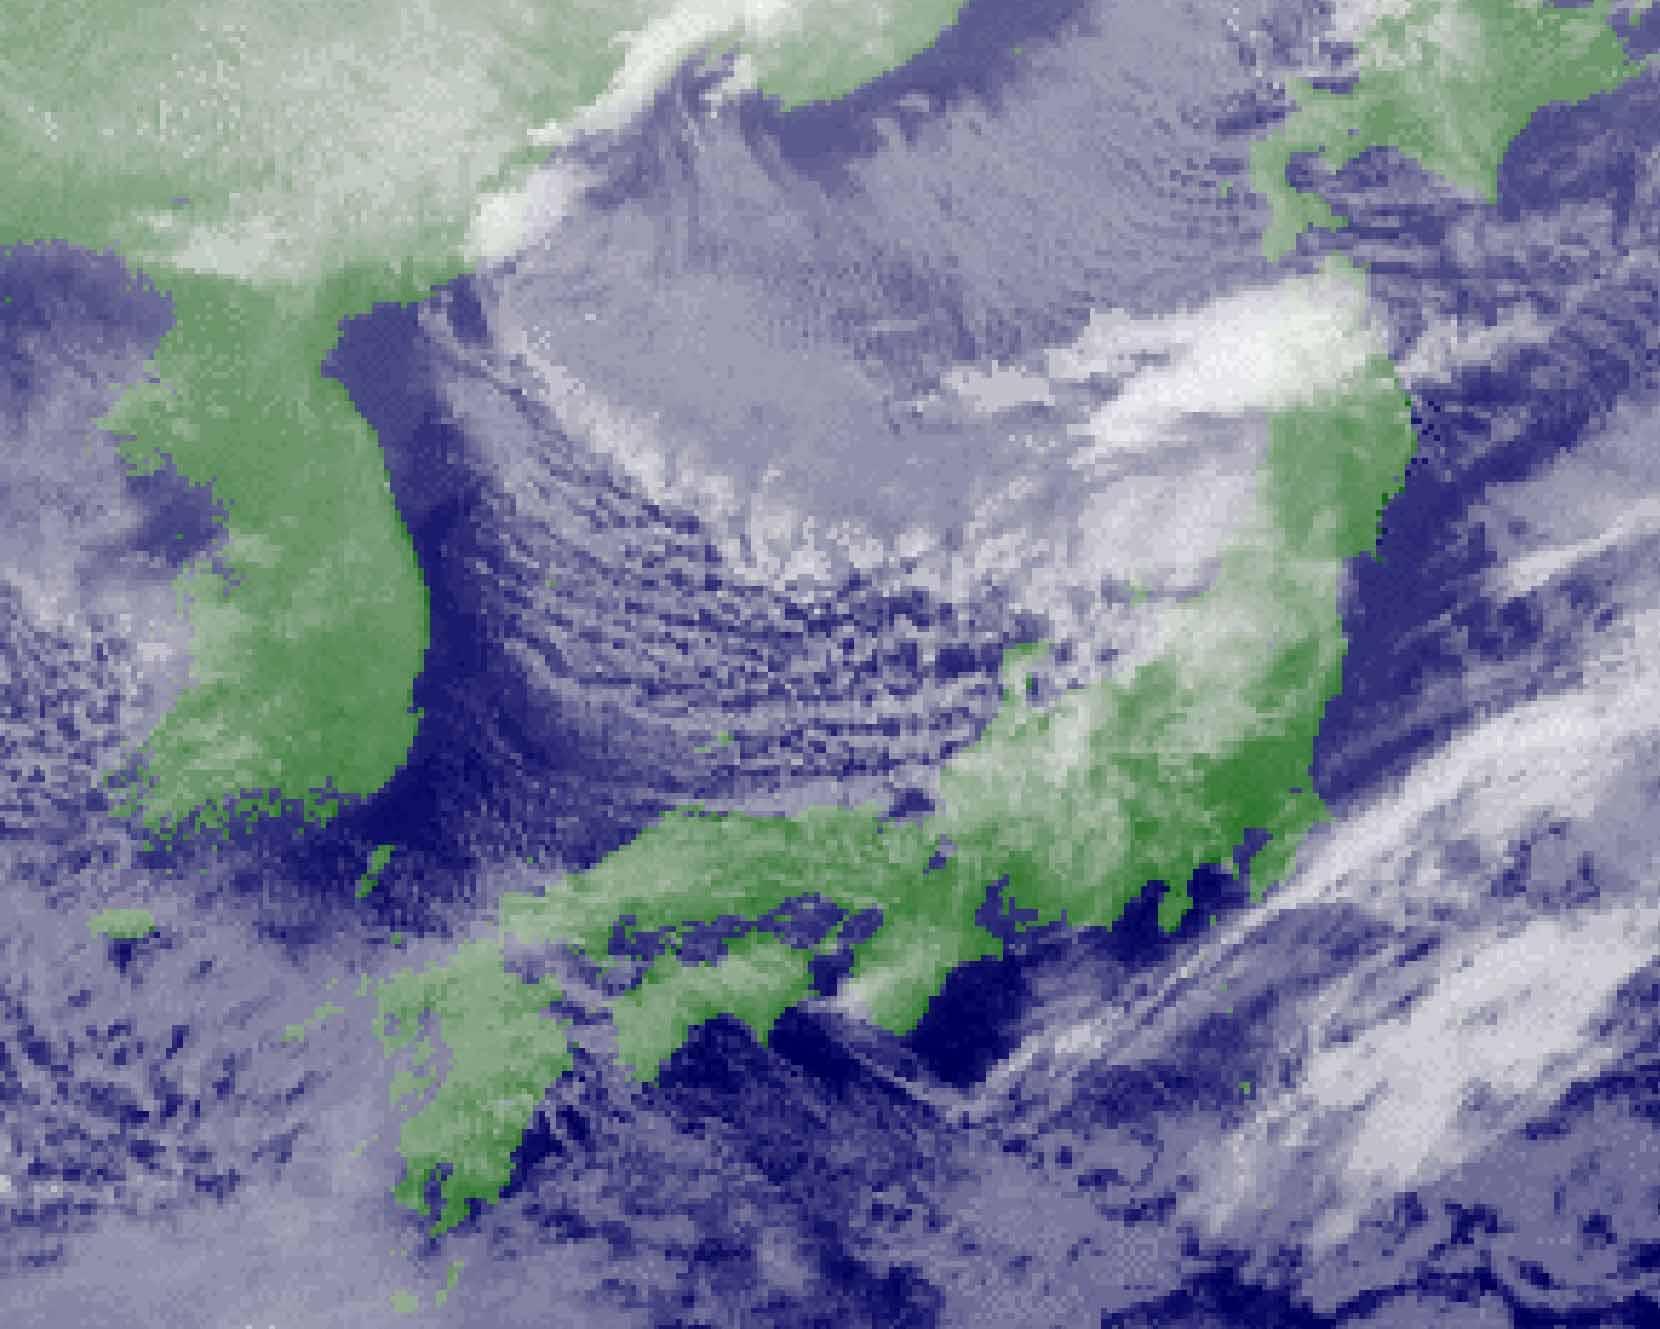 2009年12月17日15時の赤外画像